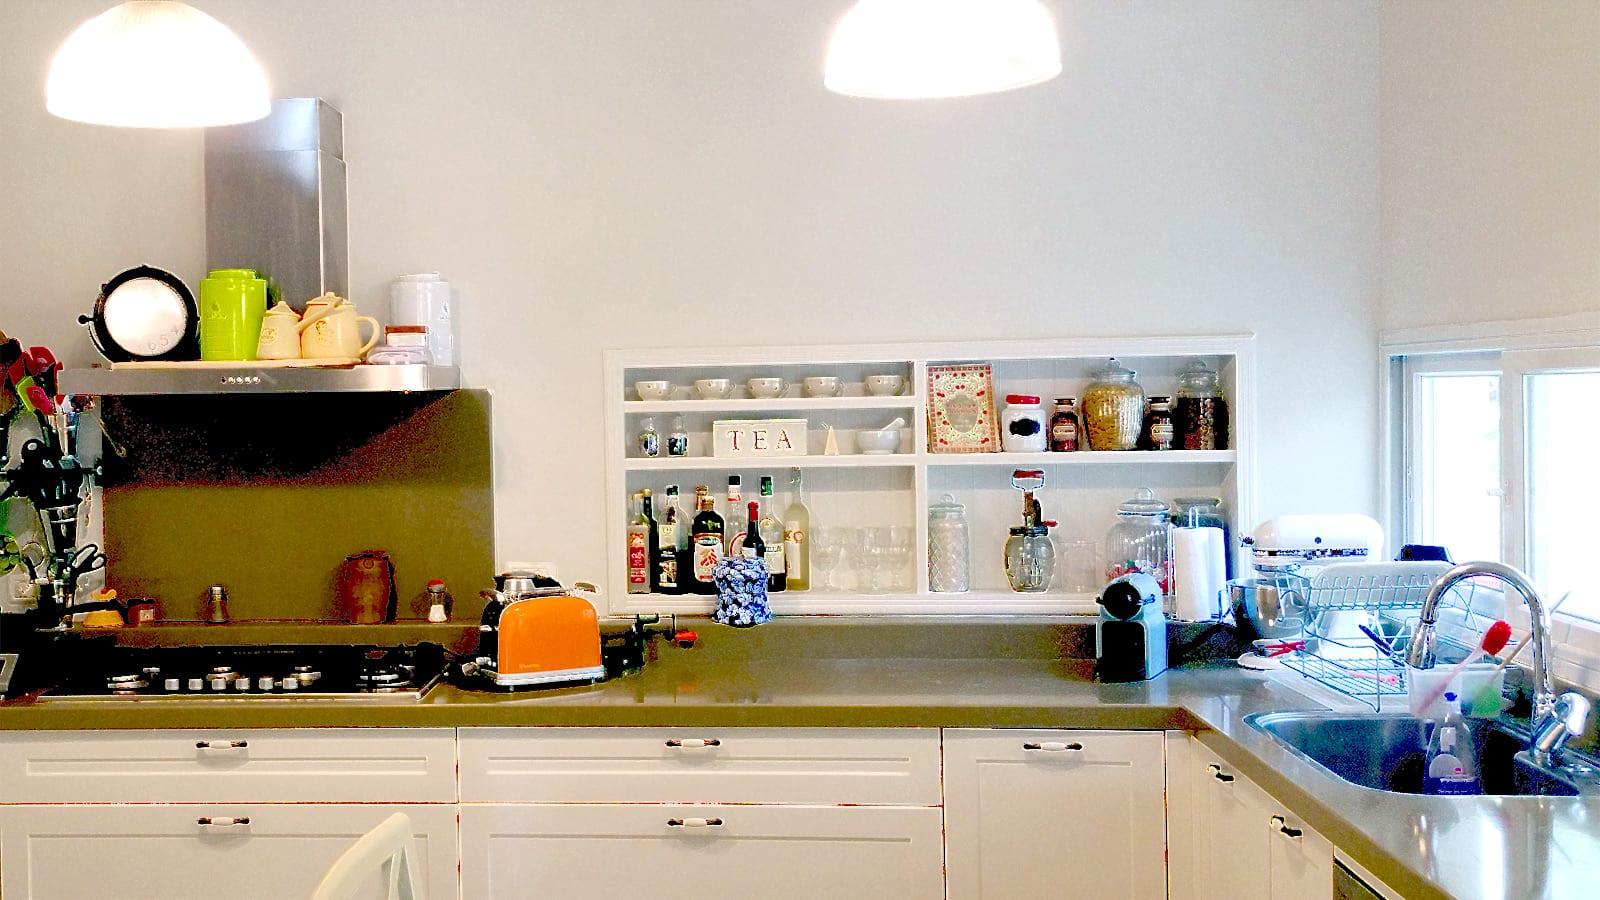 המטבח בבבית למכירה בקדימה בכפר על חצי דונם. בתים למכירה בקדימה